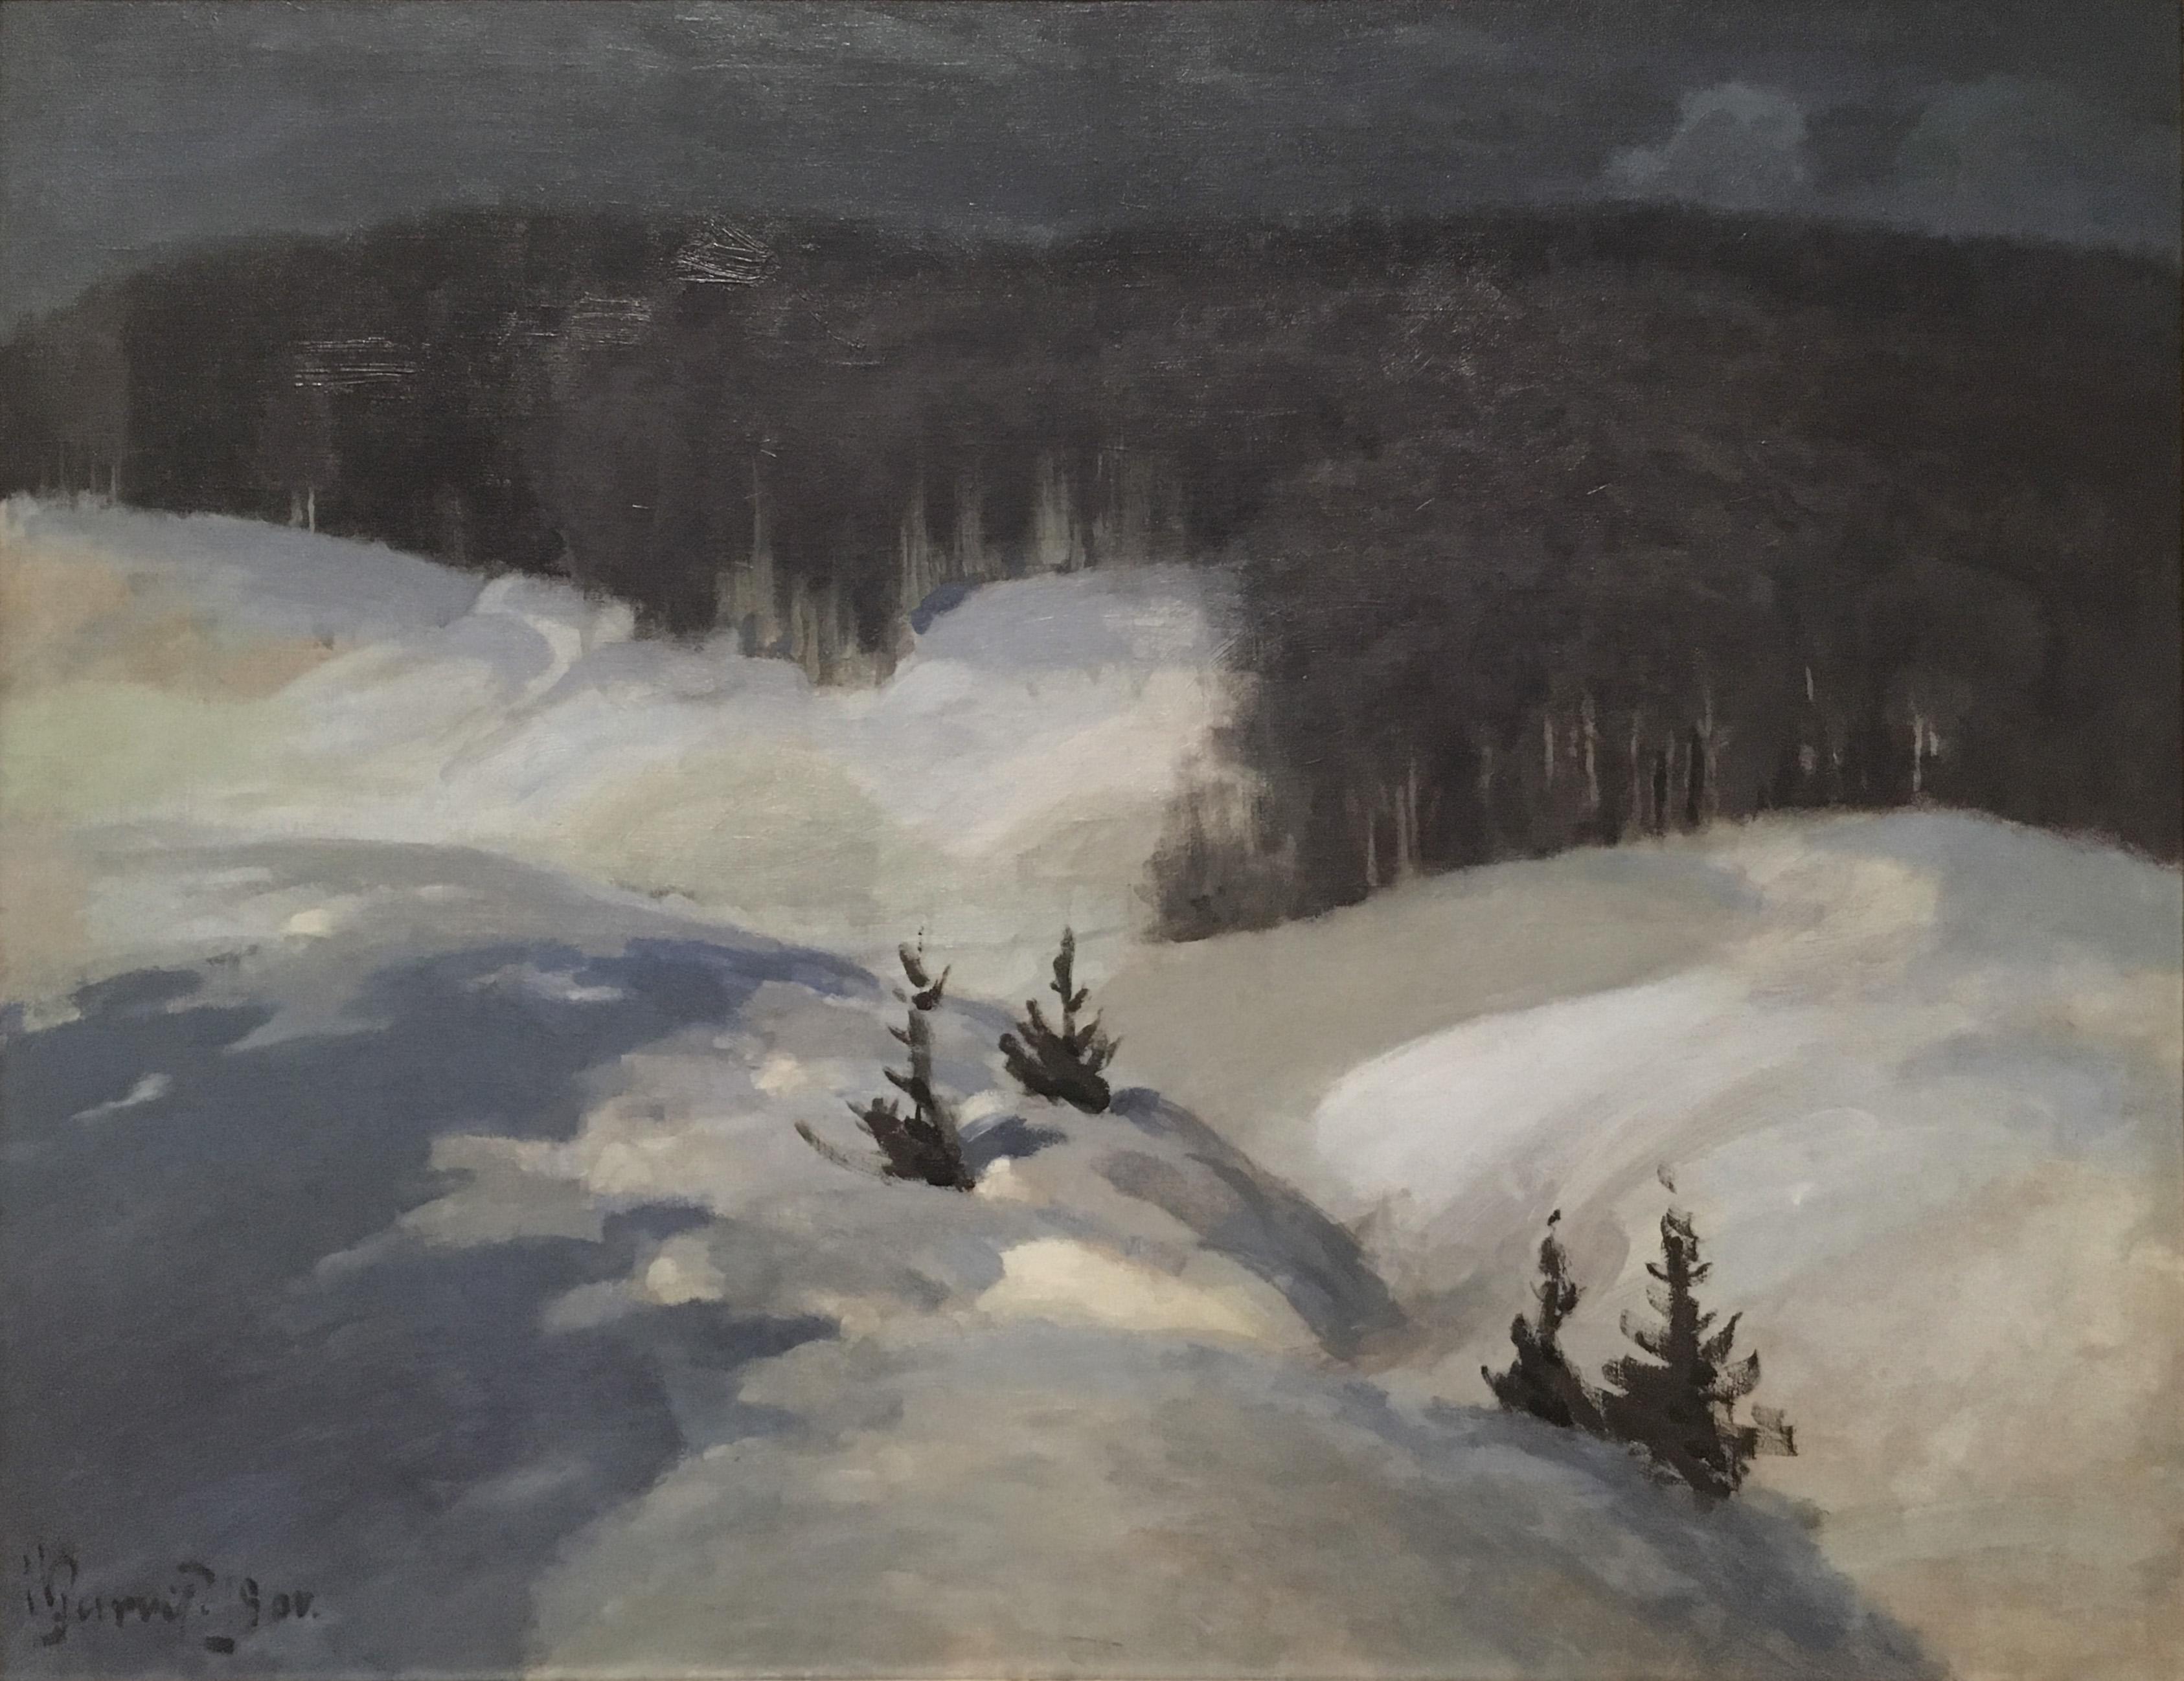 Художник импрессионист Пурвитис Purvītis картины Латвия весна зима пейзажи природы Альберт Сафиуллин